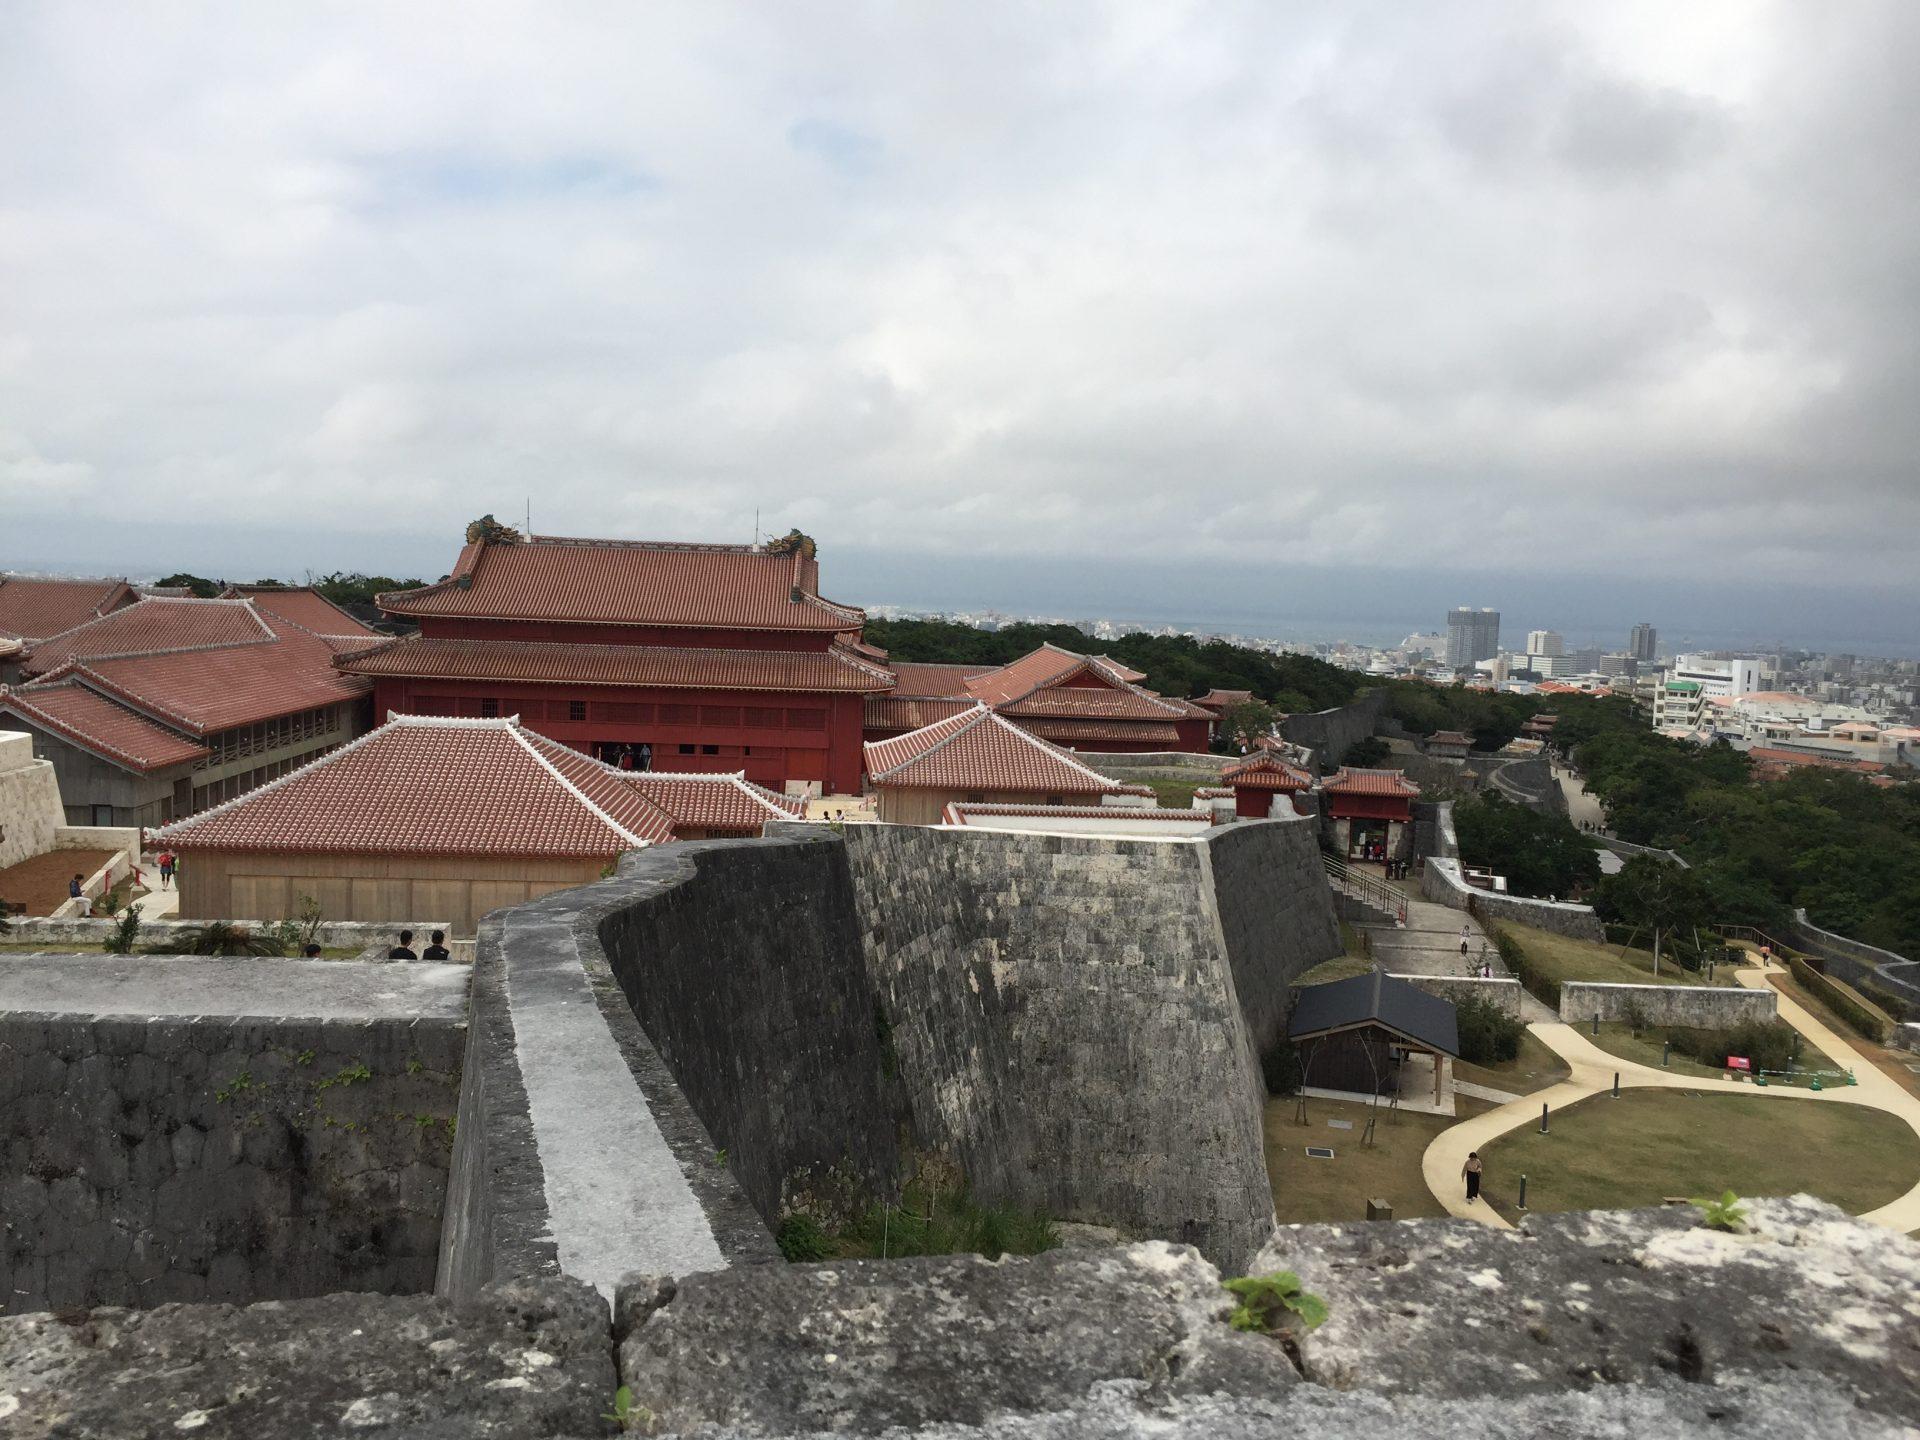 高いところから見下ろした首里城